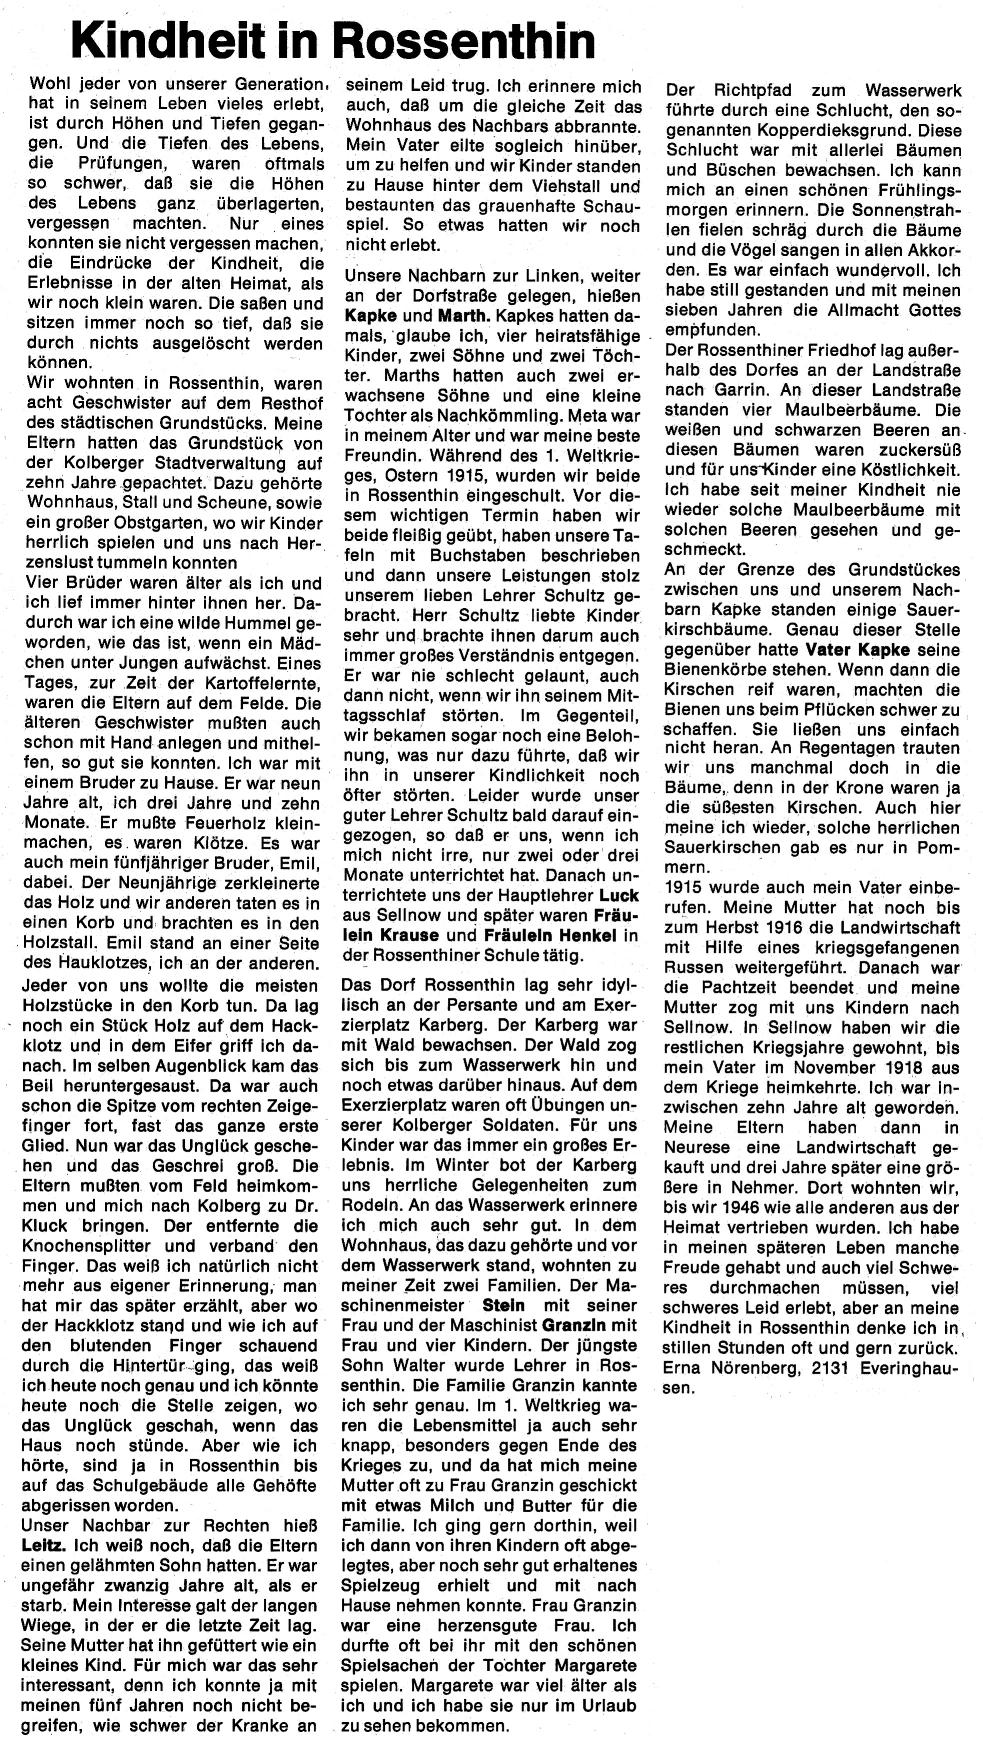 Quelle: Kolberger Zeitung, Ausgabe 7-8/1974